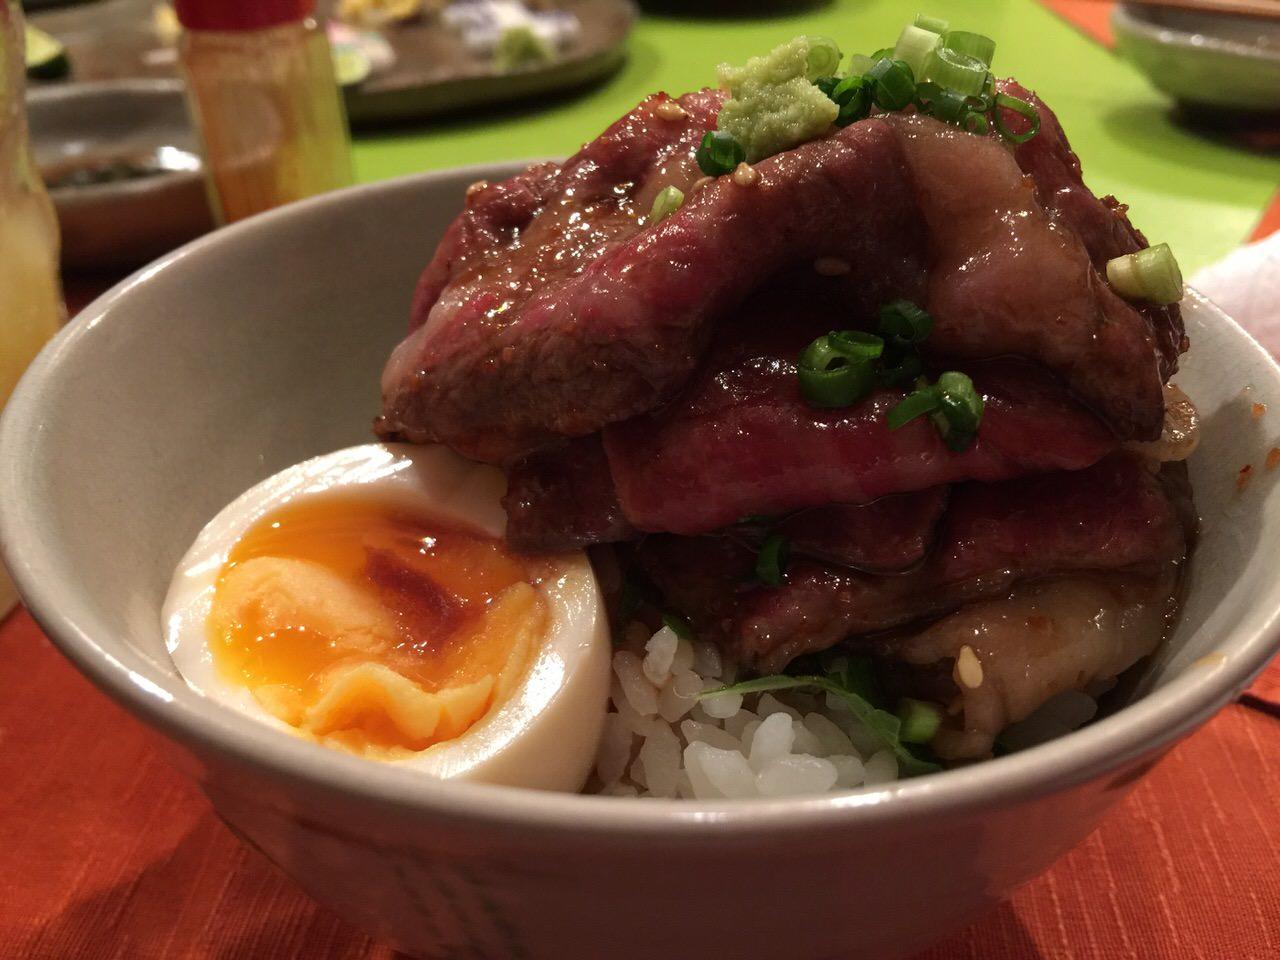 「食堂とだか(五反田)」甘くて柔らかい牛肉のうしご飯とウニ・オン・ザ・煮玉子が食べたくなったら行ってごらん、優しいマスターが待ってるよ。